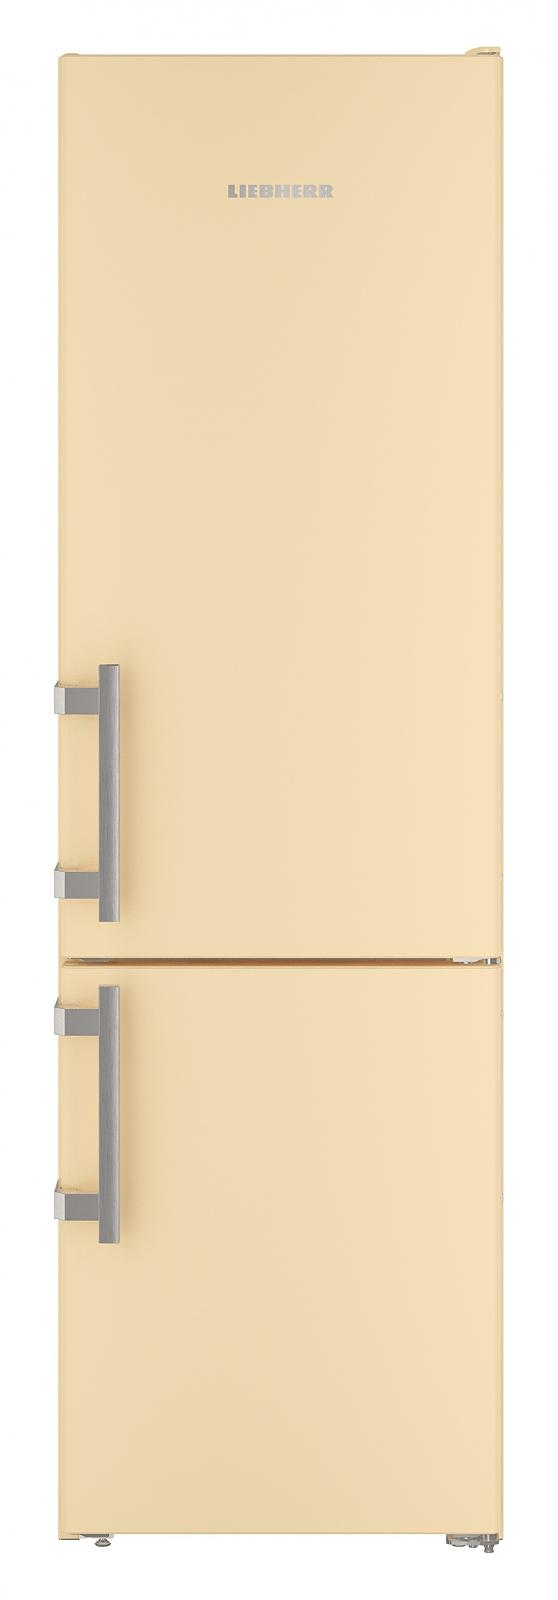 купить Двухкамерный холодильник Liebherr Cbe 4025 Украина фото 2